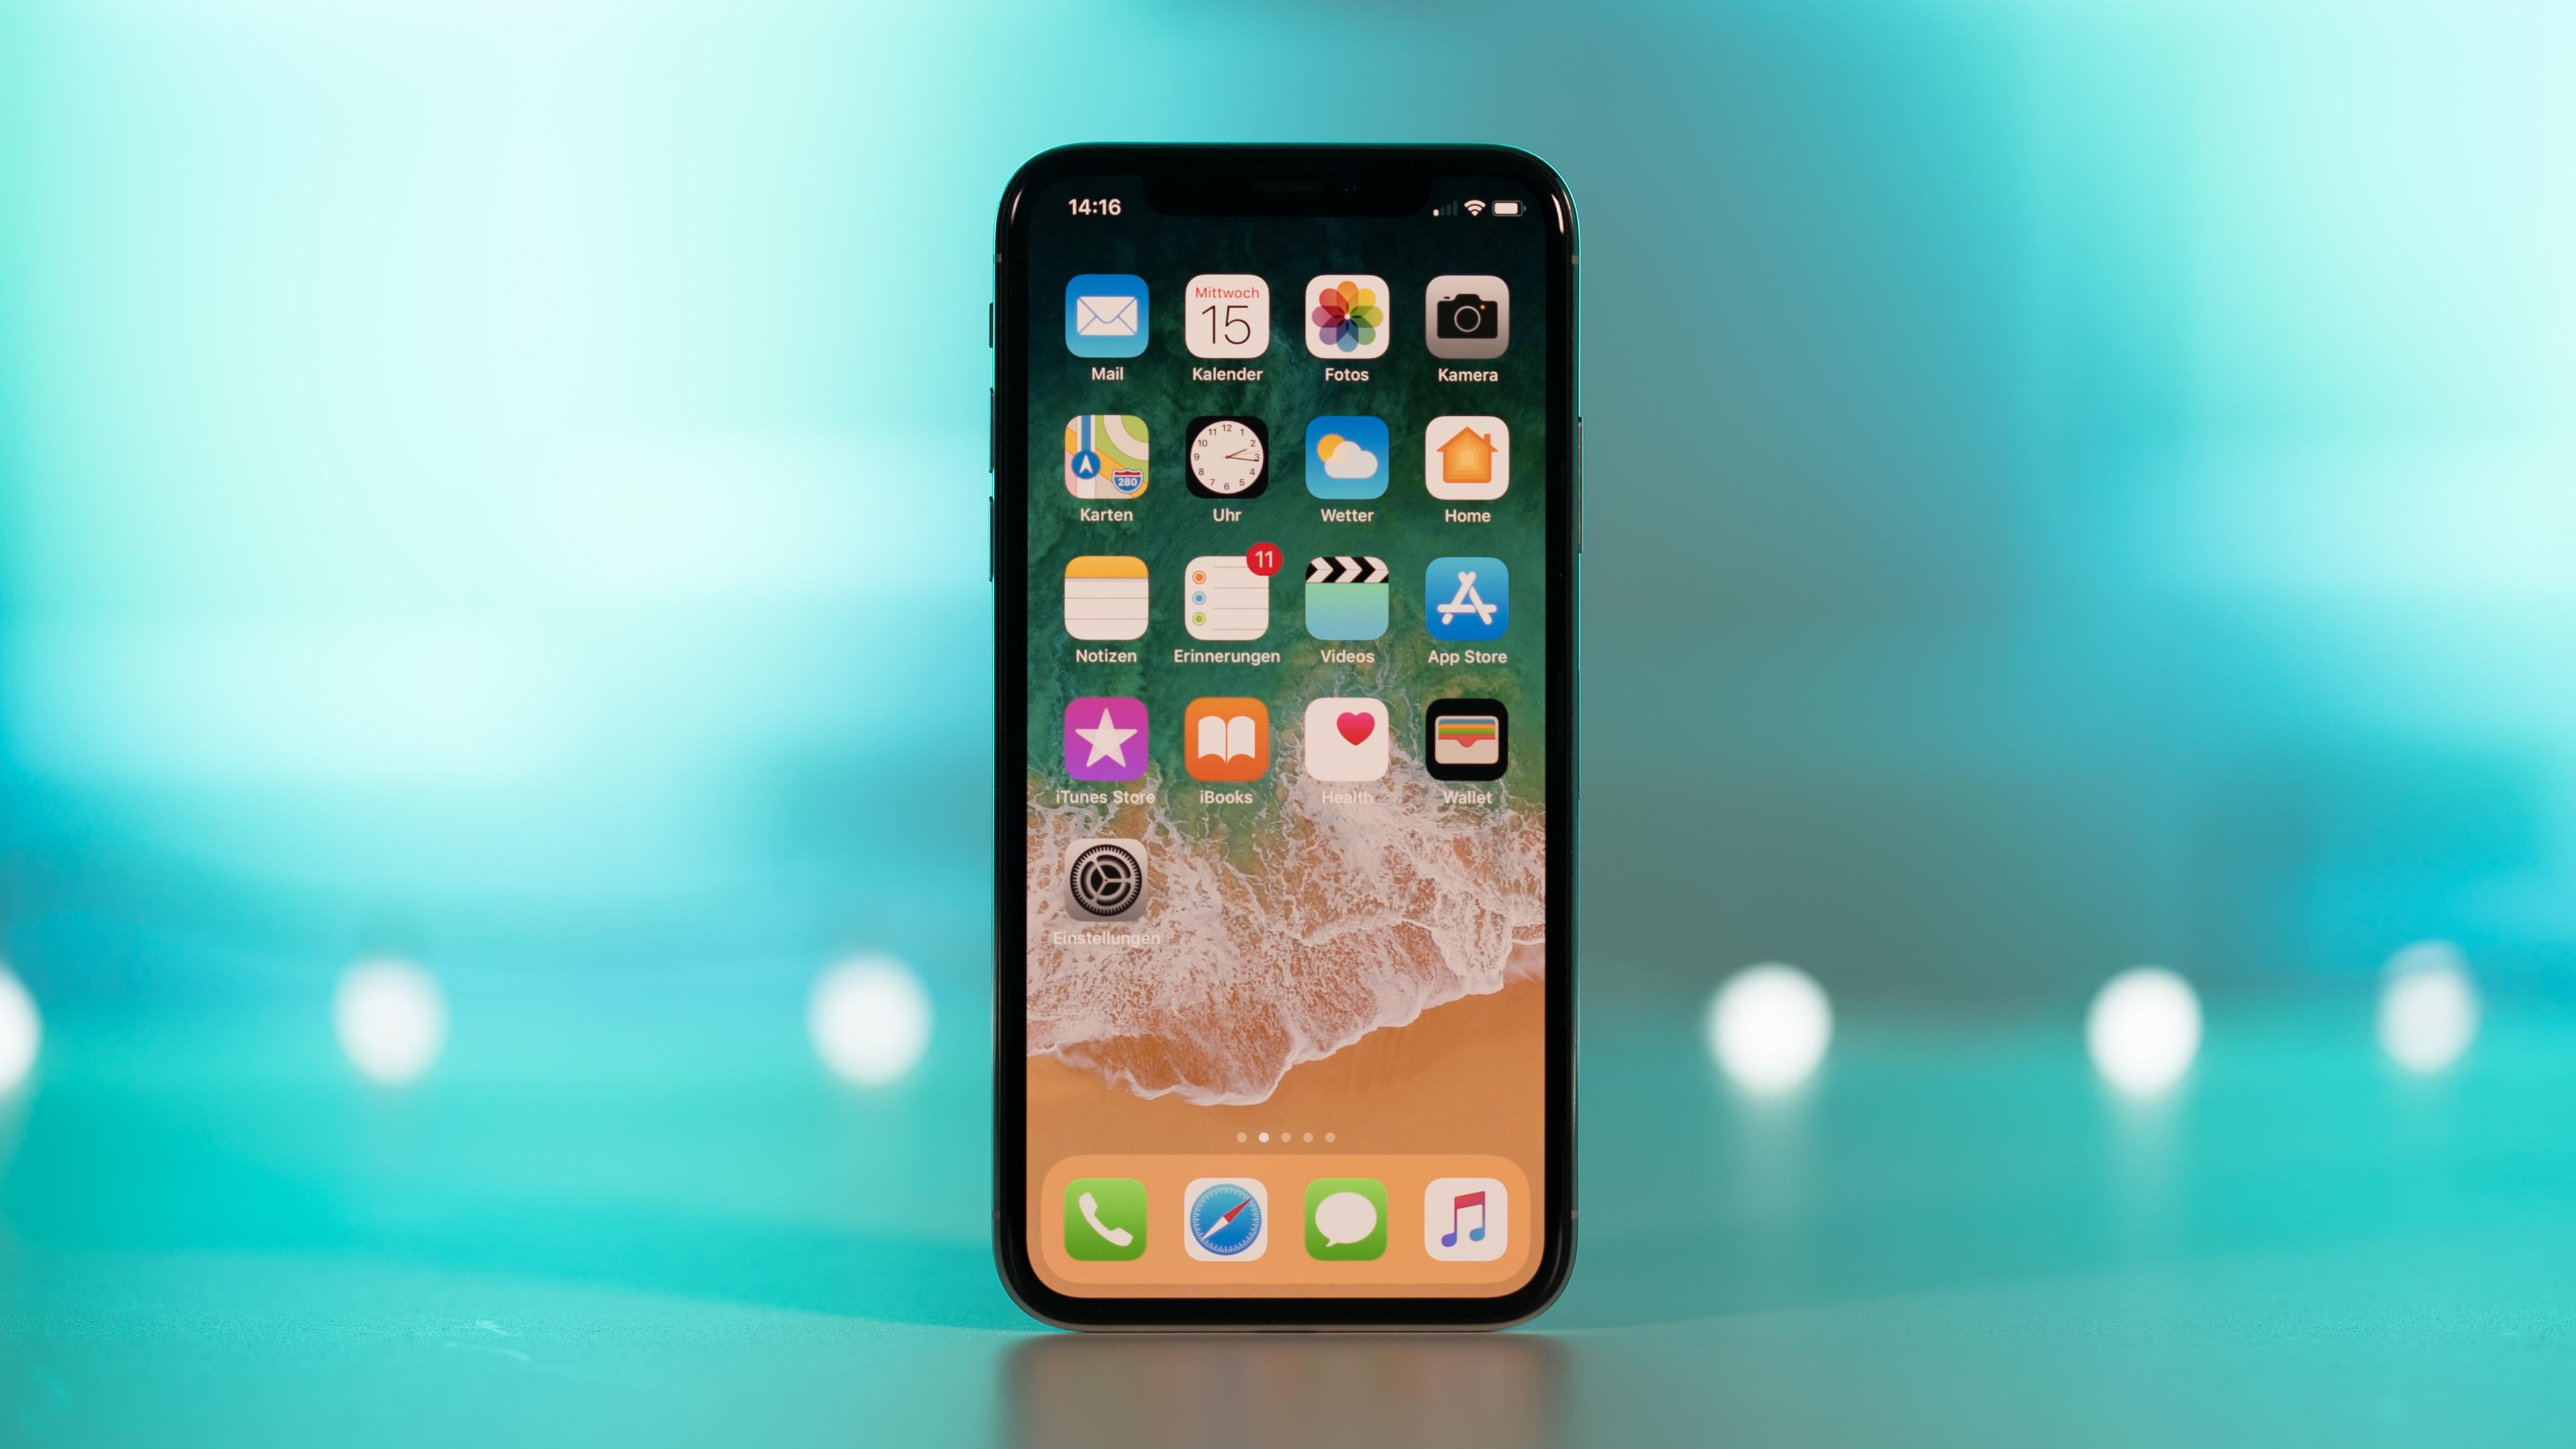 Sim Karte Einlegen Iphone X.Iphone X Vodafone Beseitigt Netlock Früher Als Geplant